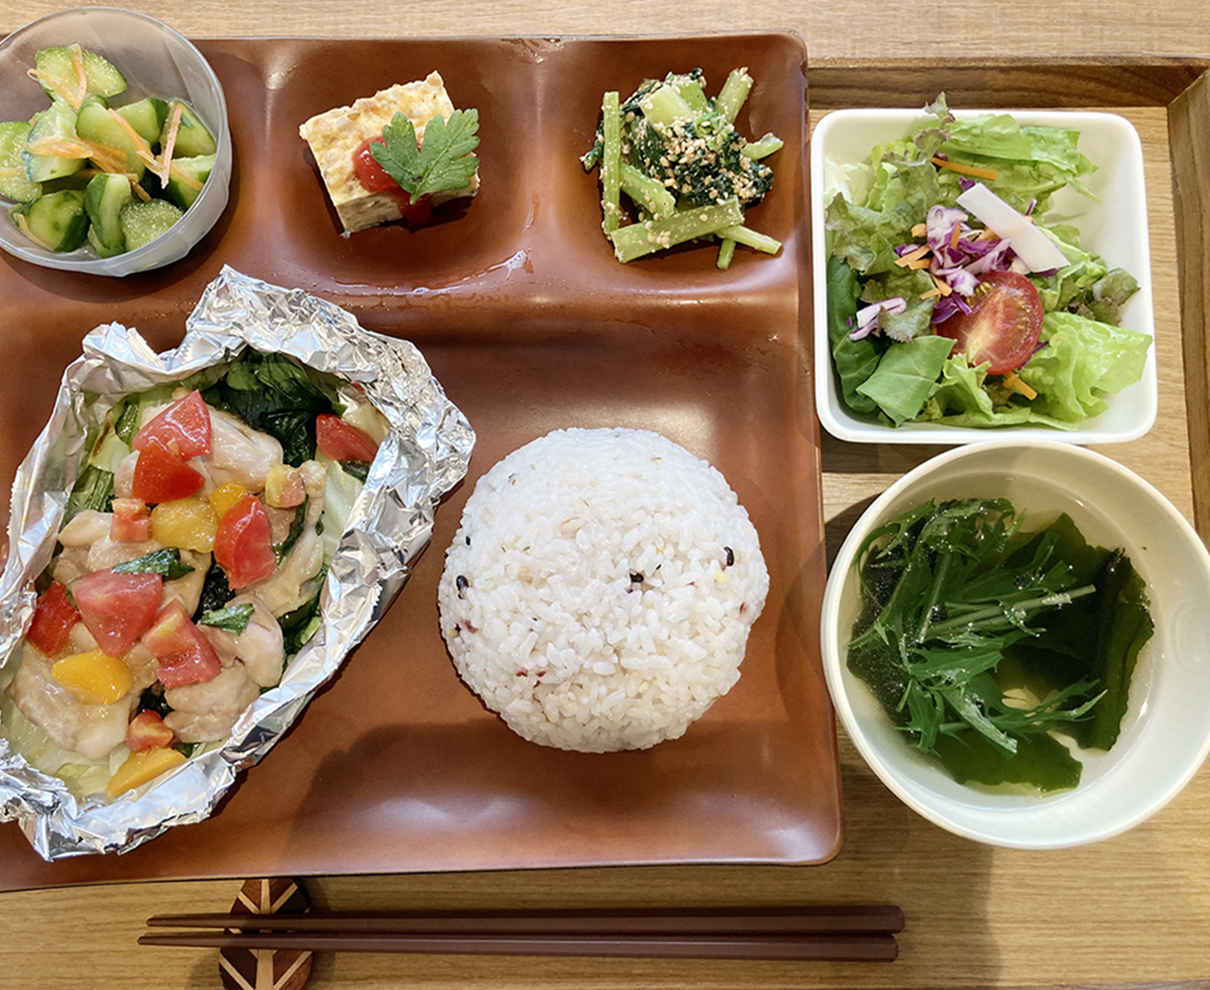 ベジテラスでランチ! 7月の「ベジもりプレート」の新メニューは夏野菜が盛り沢山!